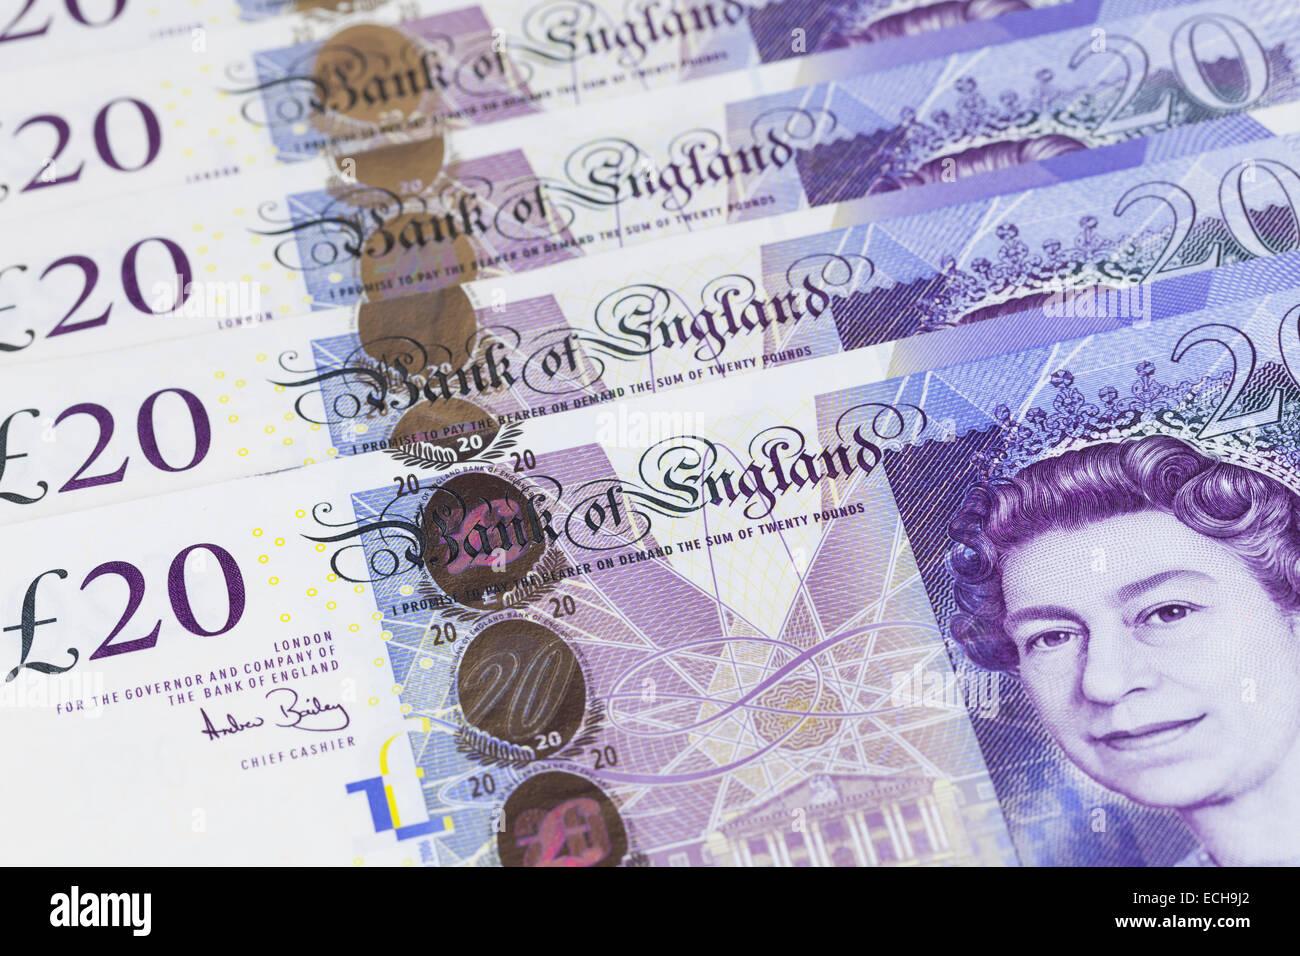 British twenty pound notes - Stock Image